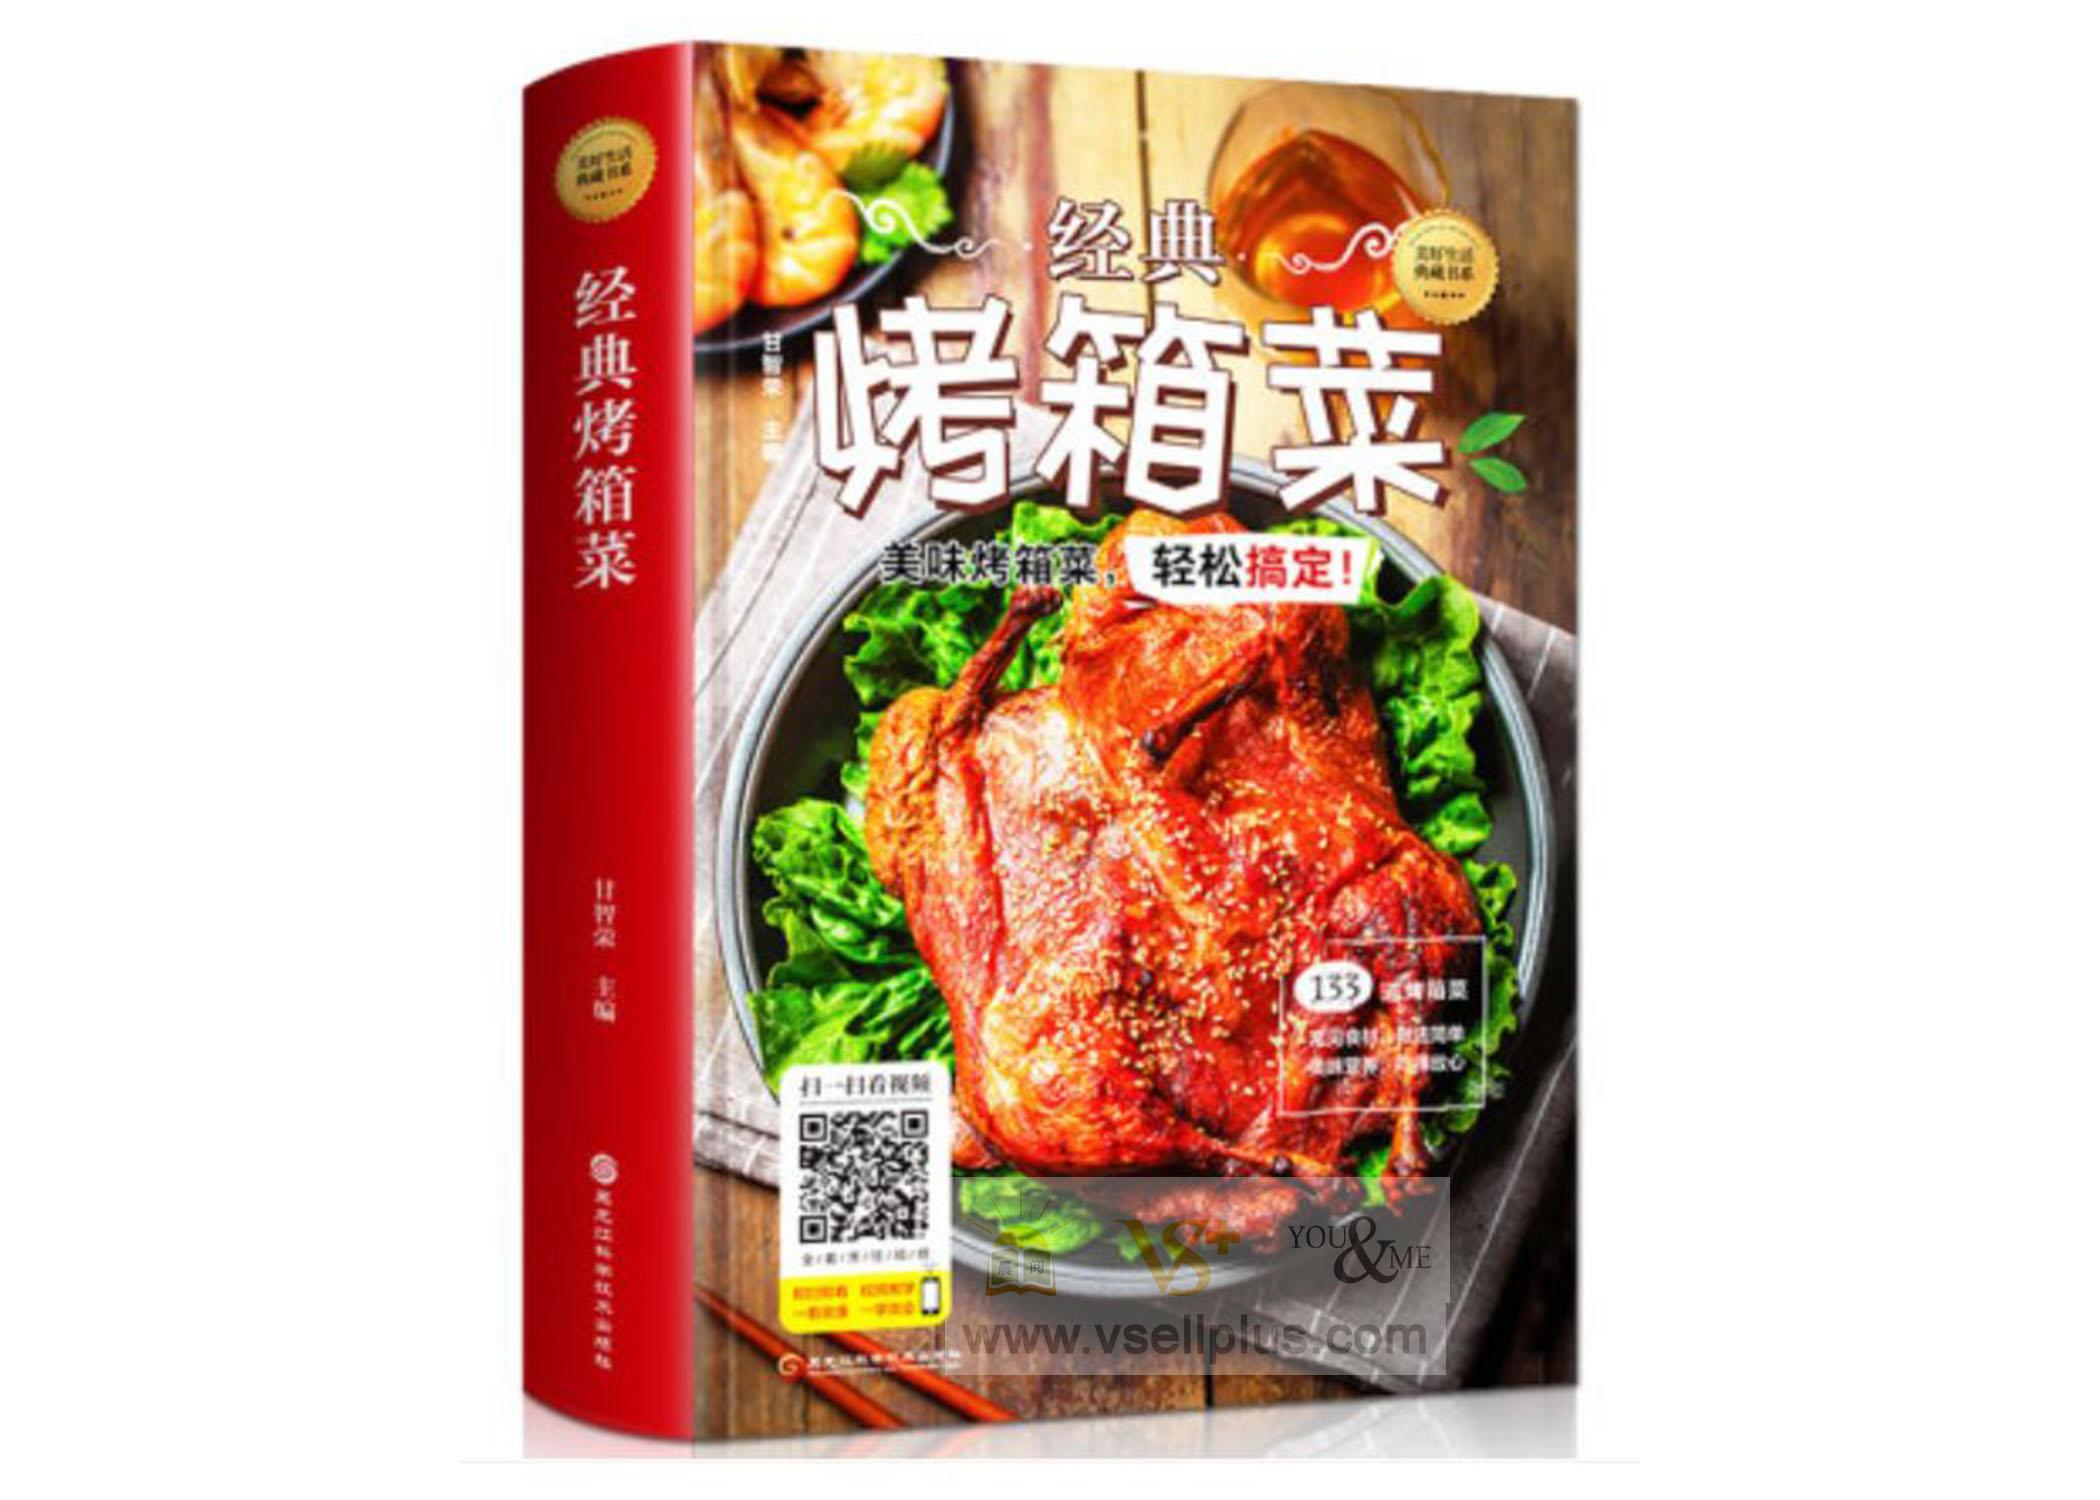 Ready Stock- Cooking book 经典烤箱菜 新手学烹饪图解详细基础教程家常食谱书籍